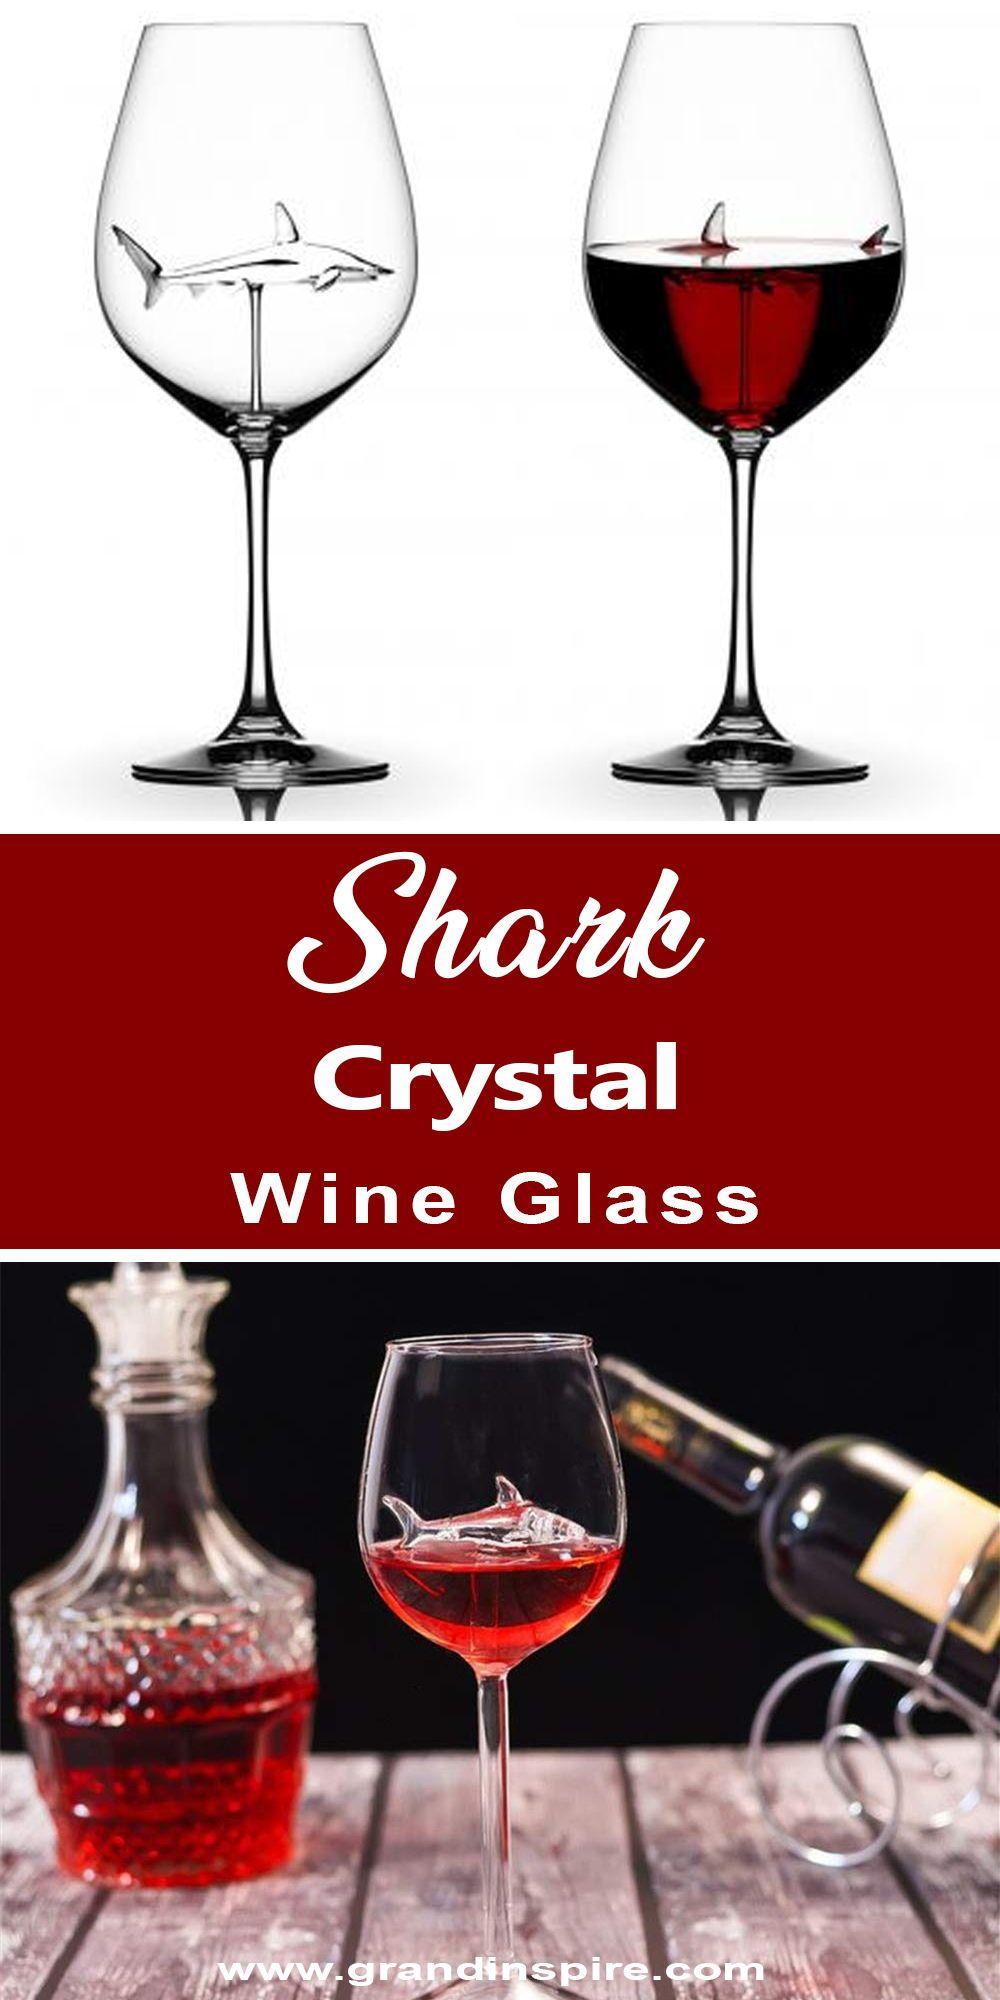 35 Shark Crystal Wine Glass Wine Glass Wine Red Wine Glasses